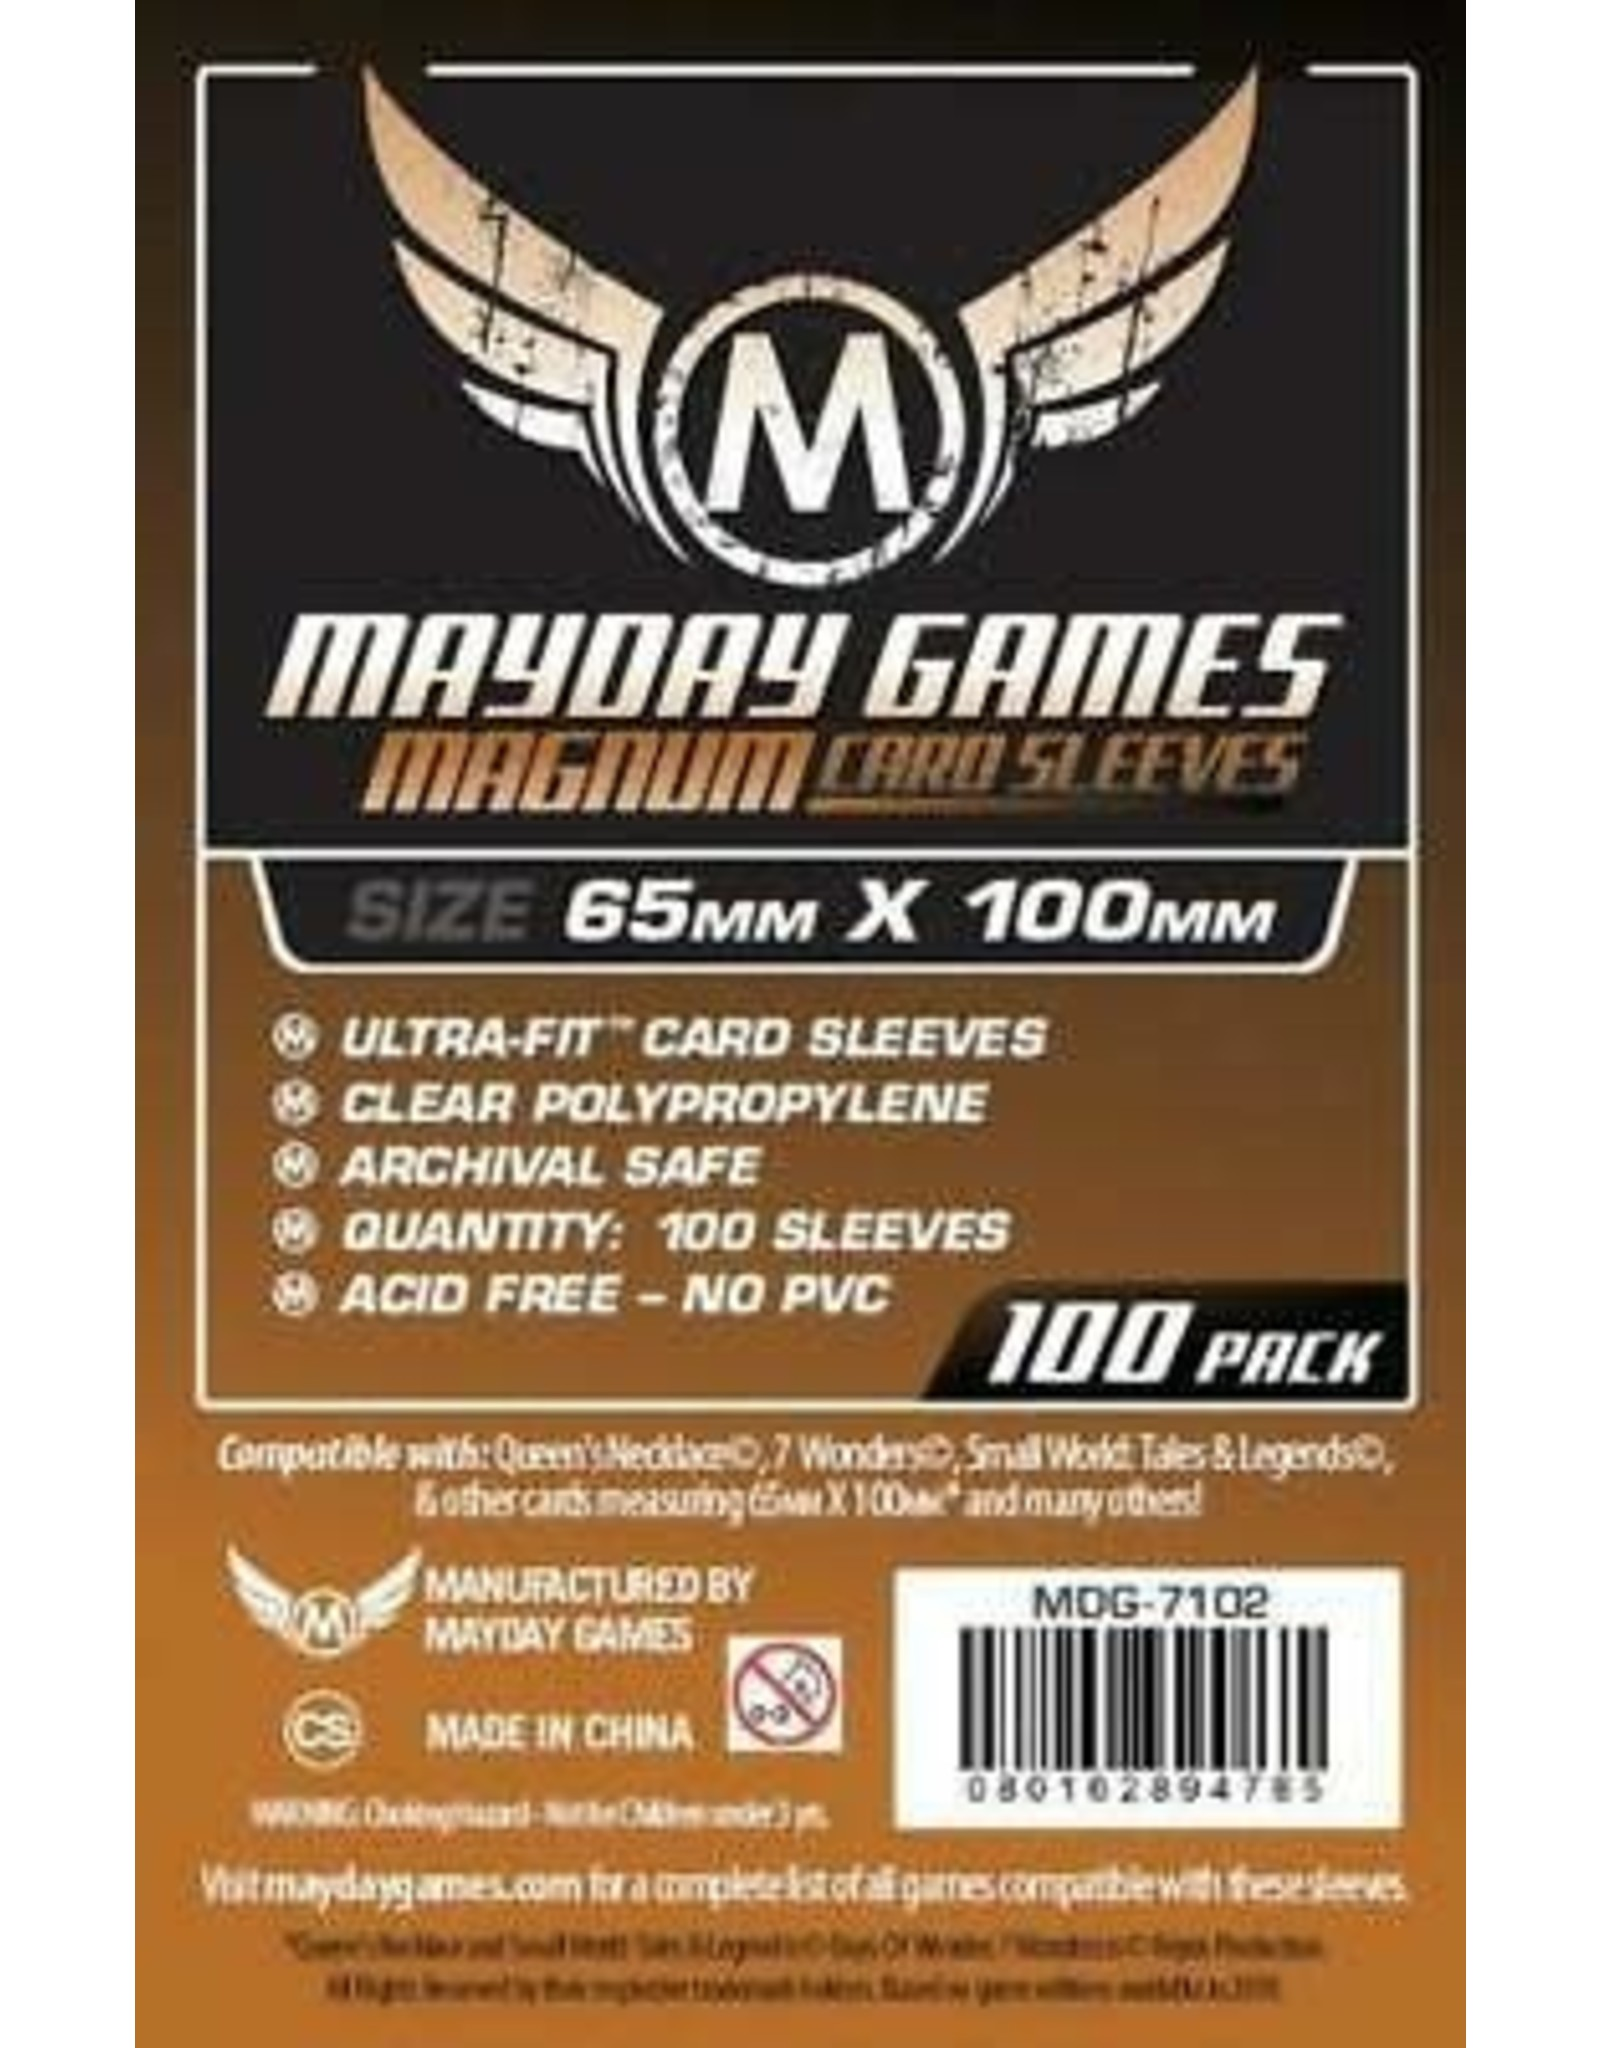 Mayday MAGNUM 7 WONDERS SLEEVES 65mm X 100mm 100CT